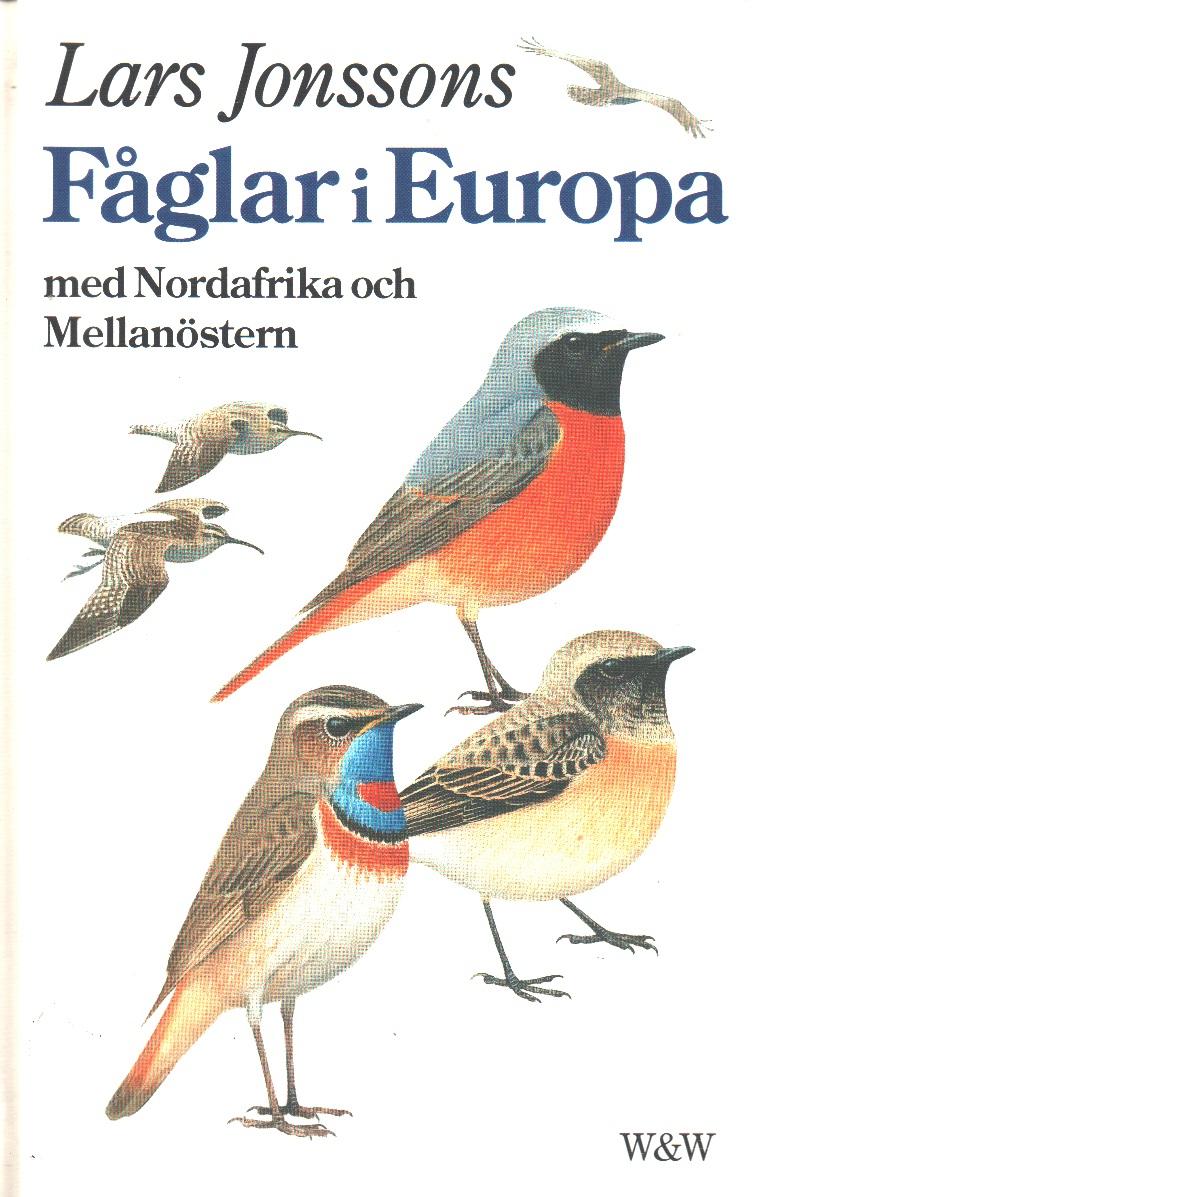 Lars Jonssons fåglar i Europa med Nordafrika och Mellanöstern - Jonsson, Lars